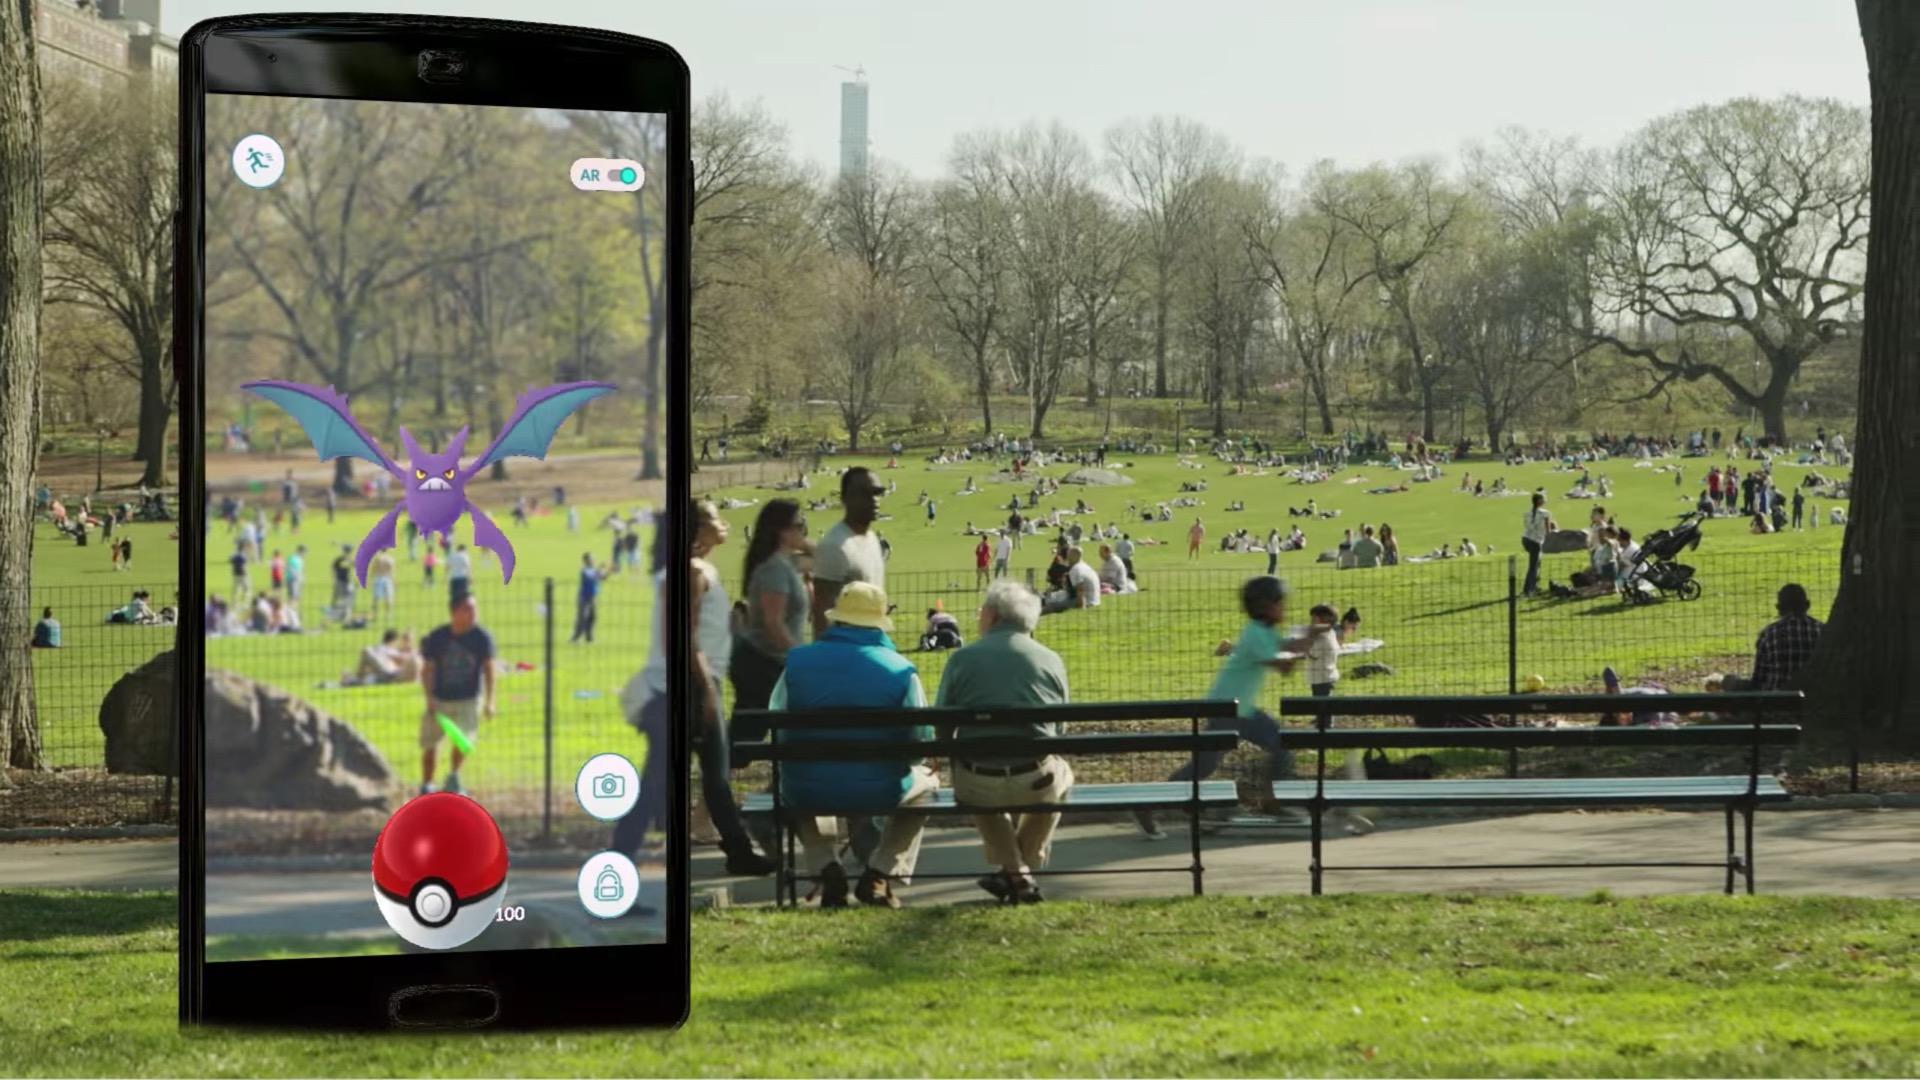 Pokémon GO jhoto3